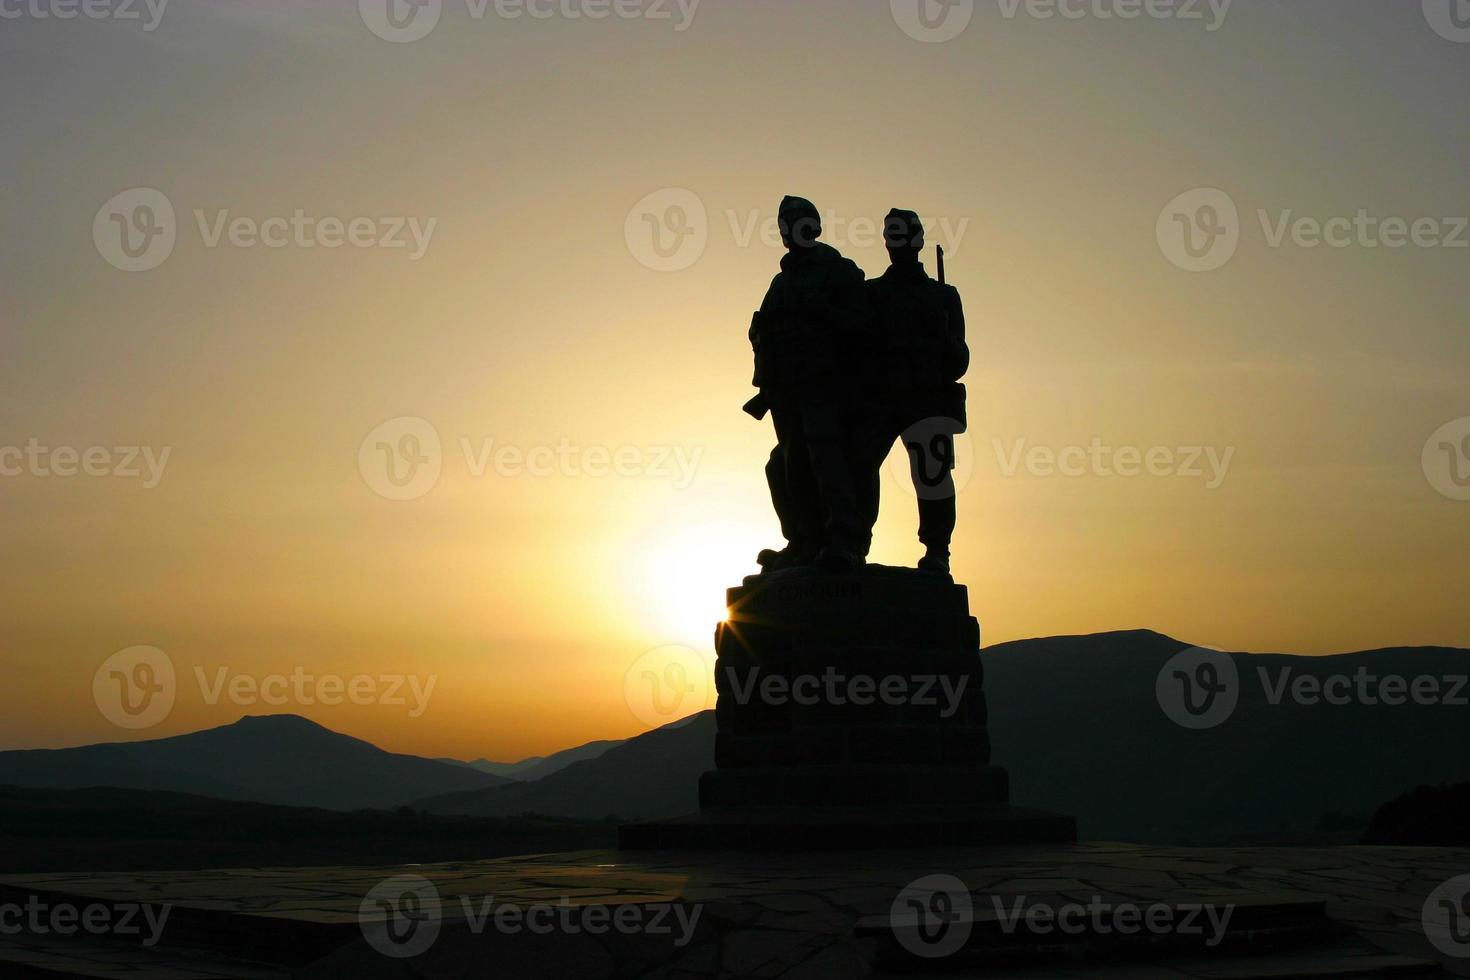 commando gedenkteken silhouet foto